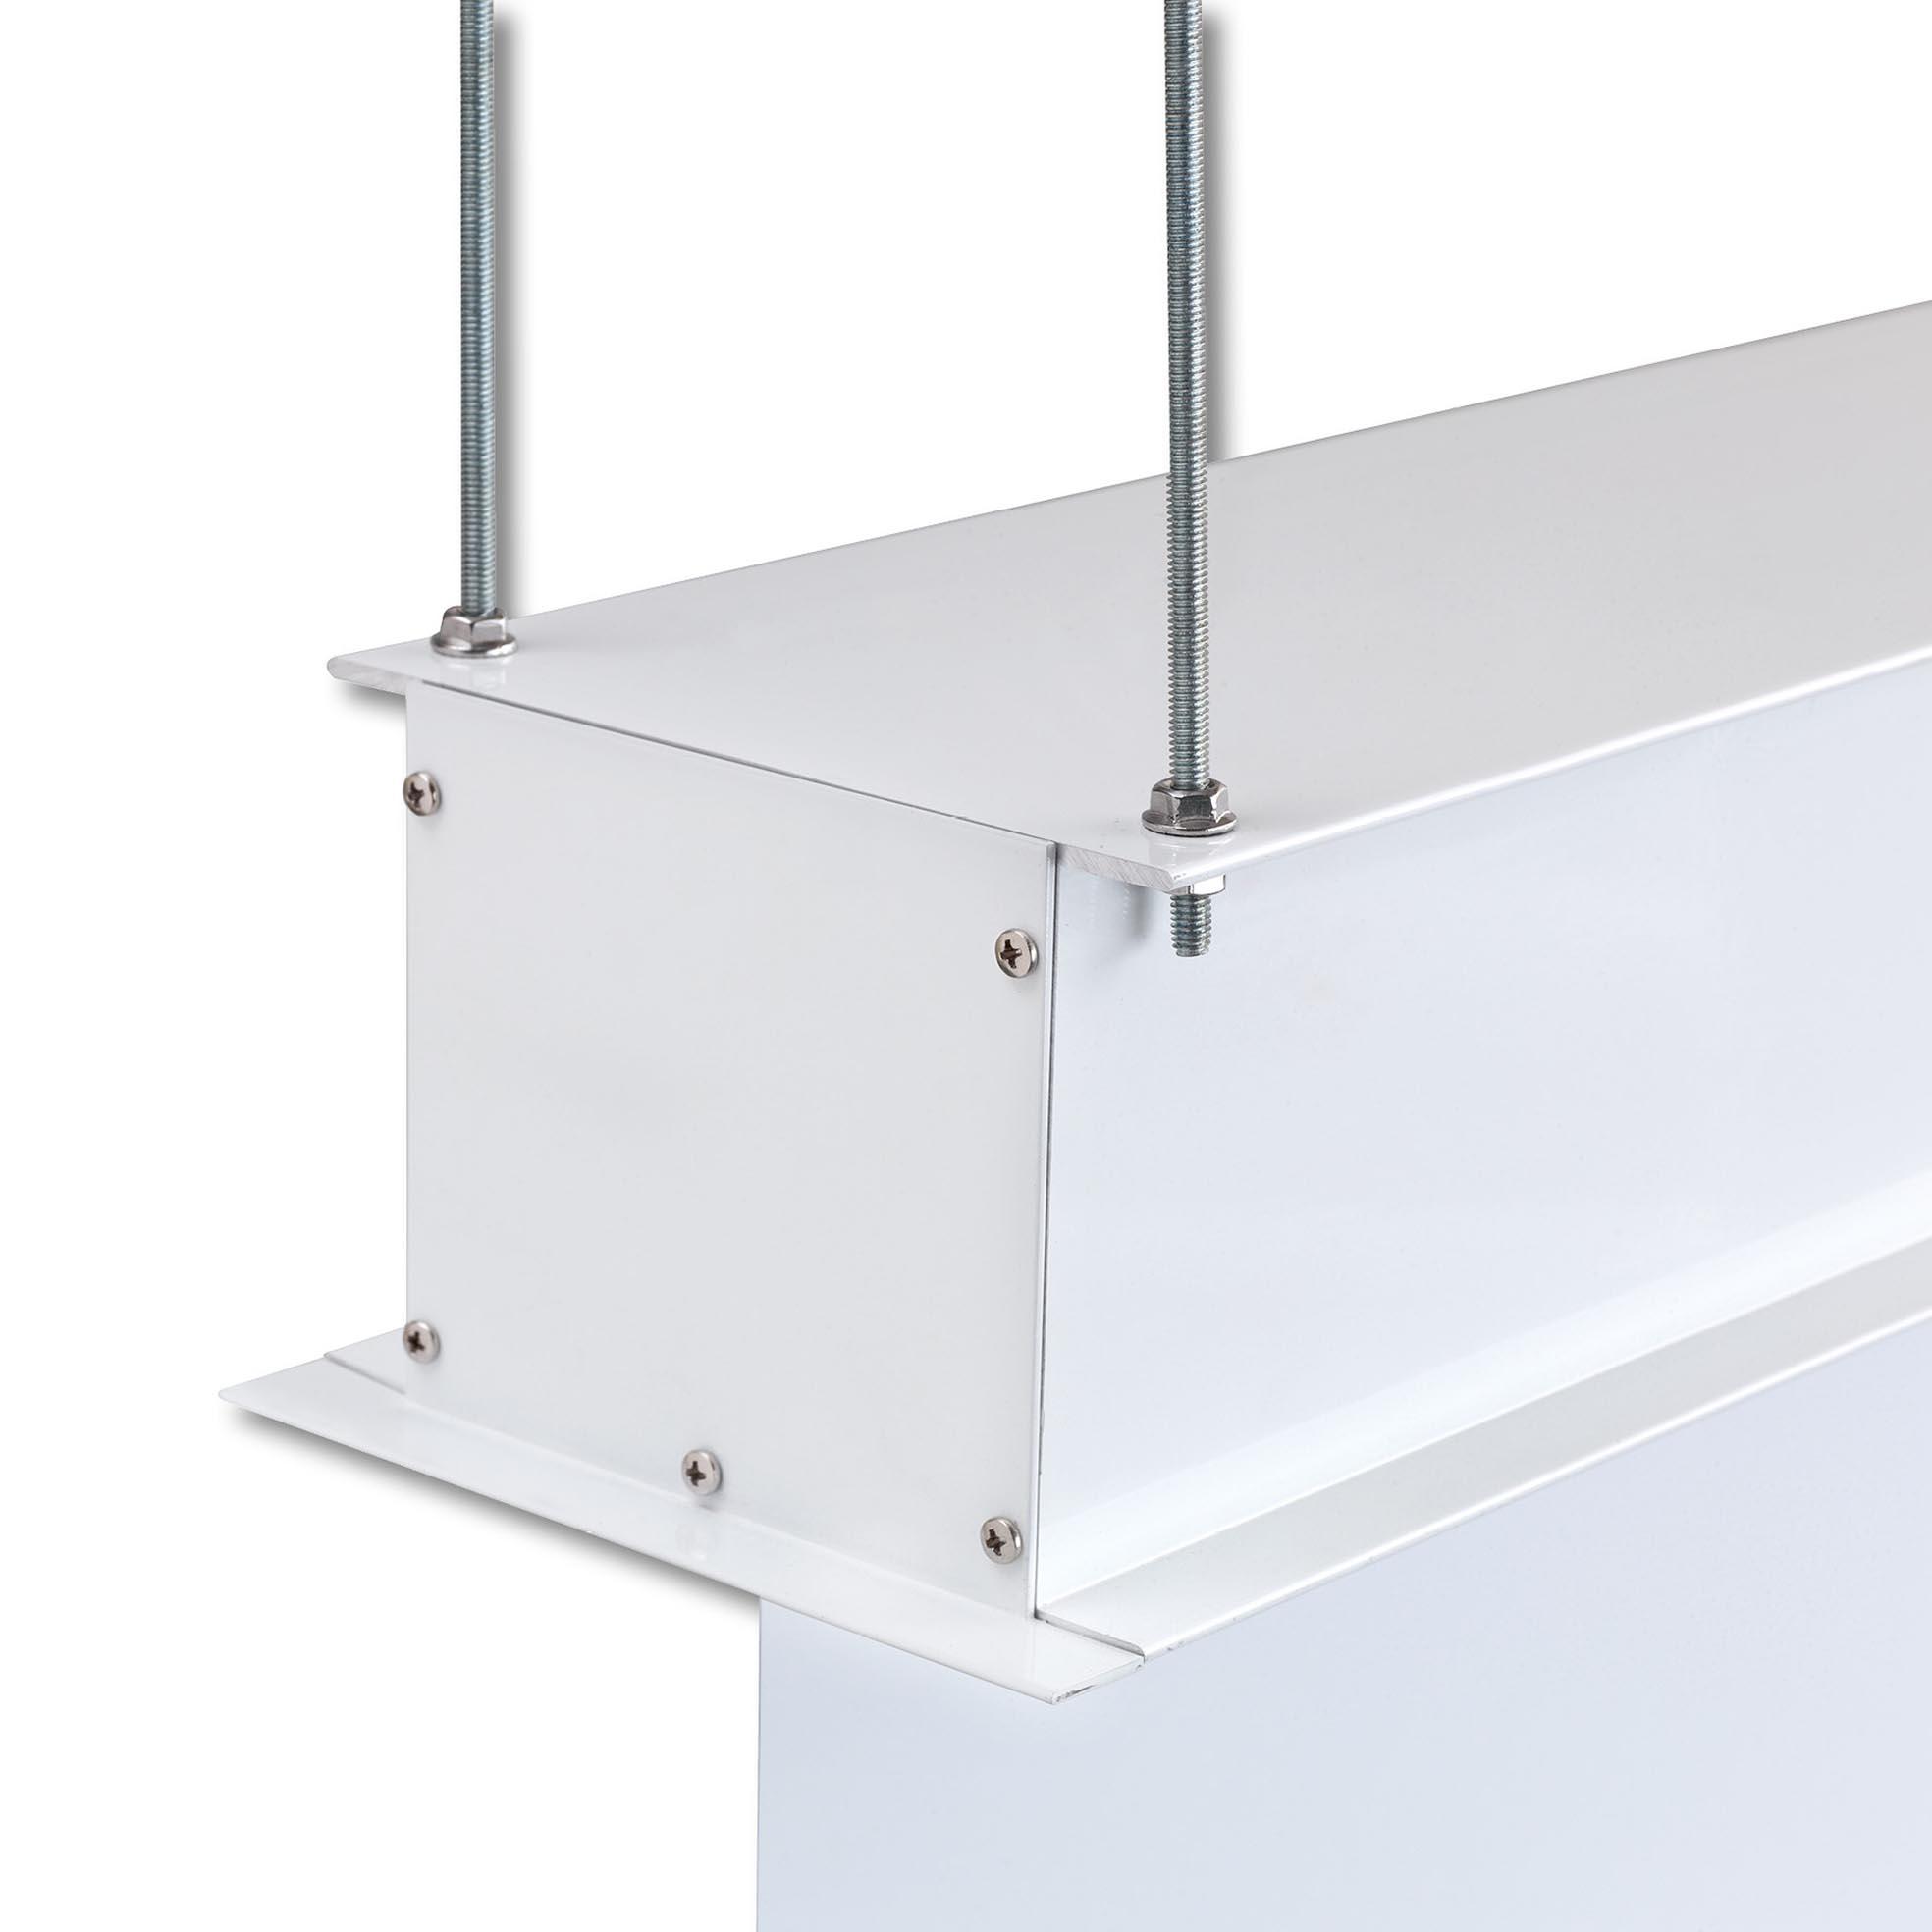 Filmduk för inbyggnad i tak för projektor, detaljbild upphängningsfästen och kassett, från Kingpin Screens